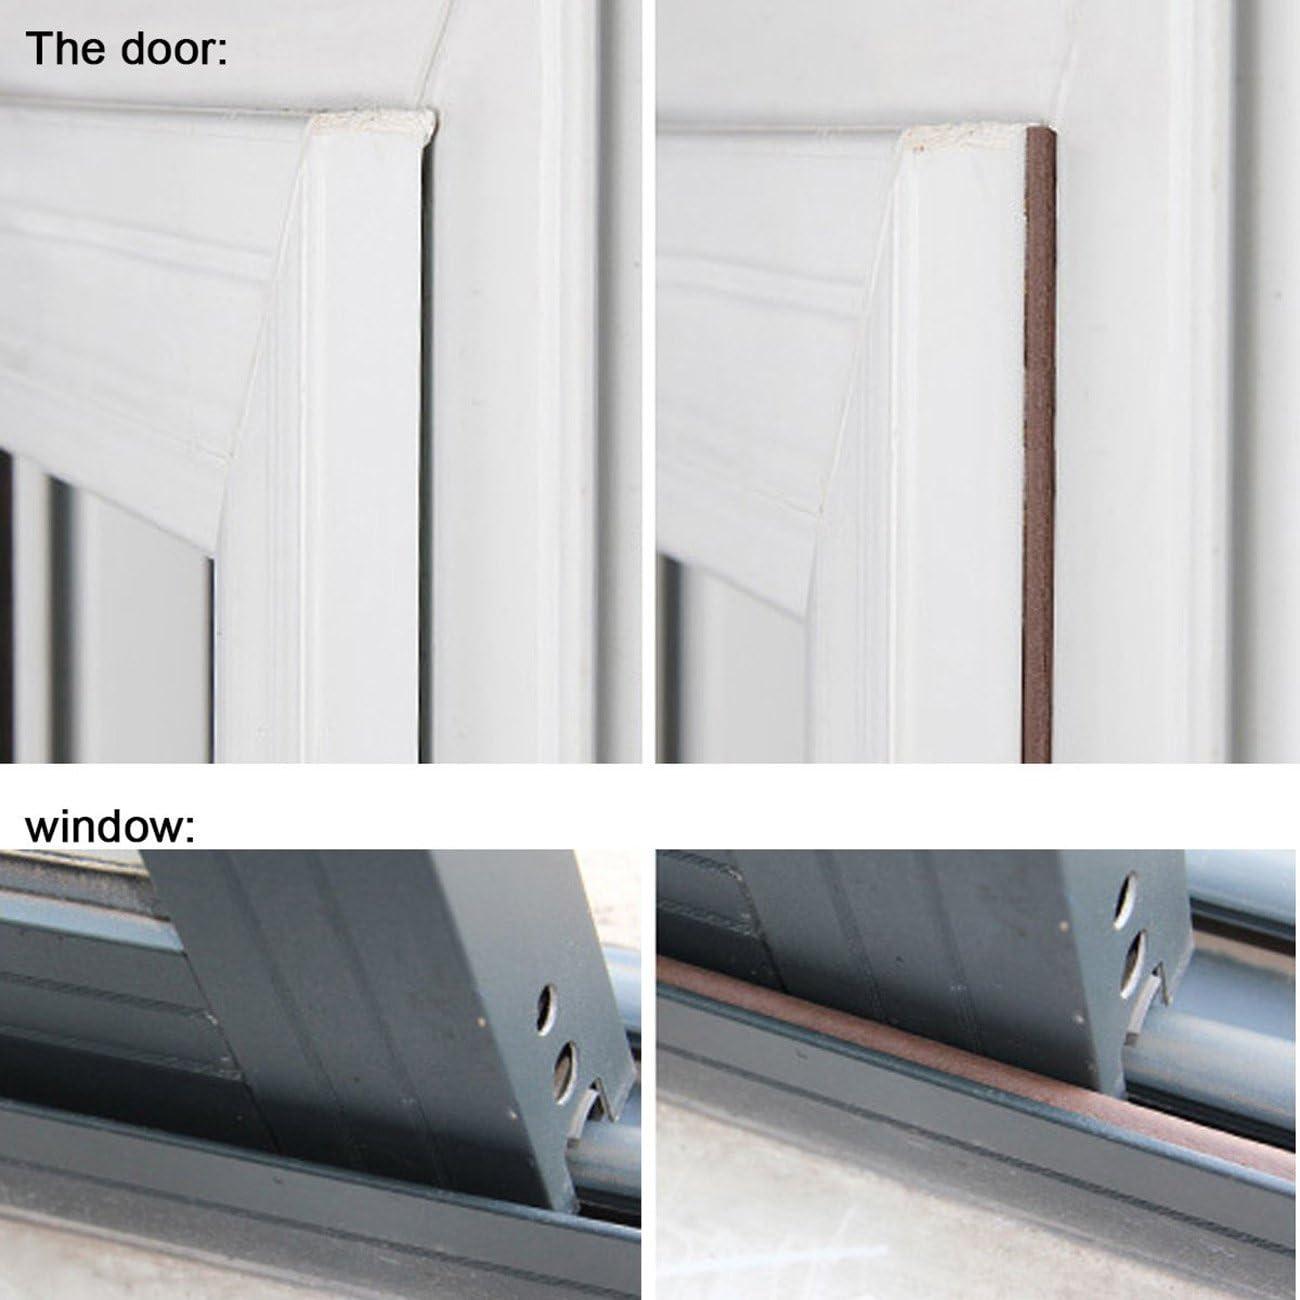 Ti – tiempo para desmontar puerta ventana burlete tira aislamiento burlete sellador de ruido D forma: Amazon.es: Bricolaje y herramientas